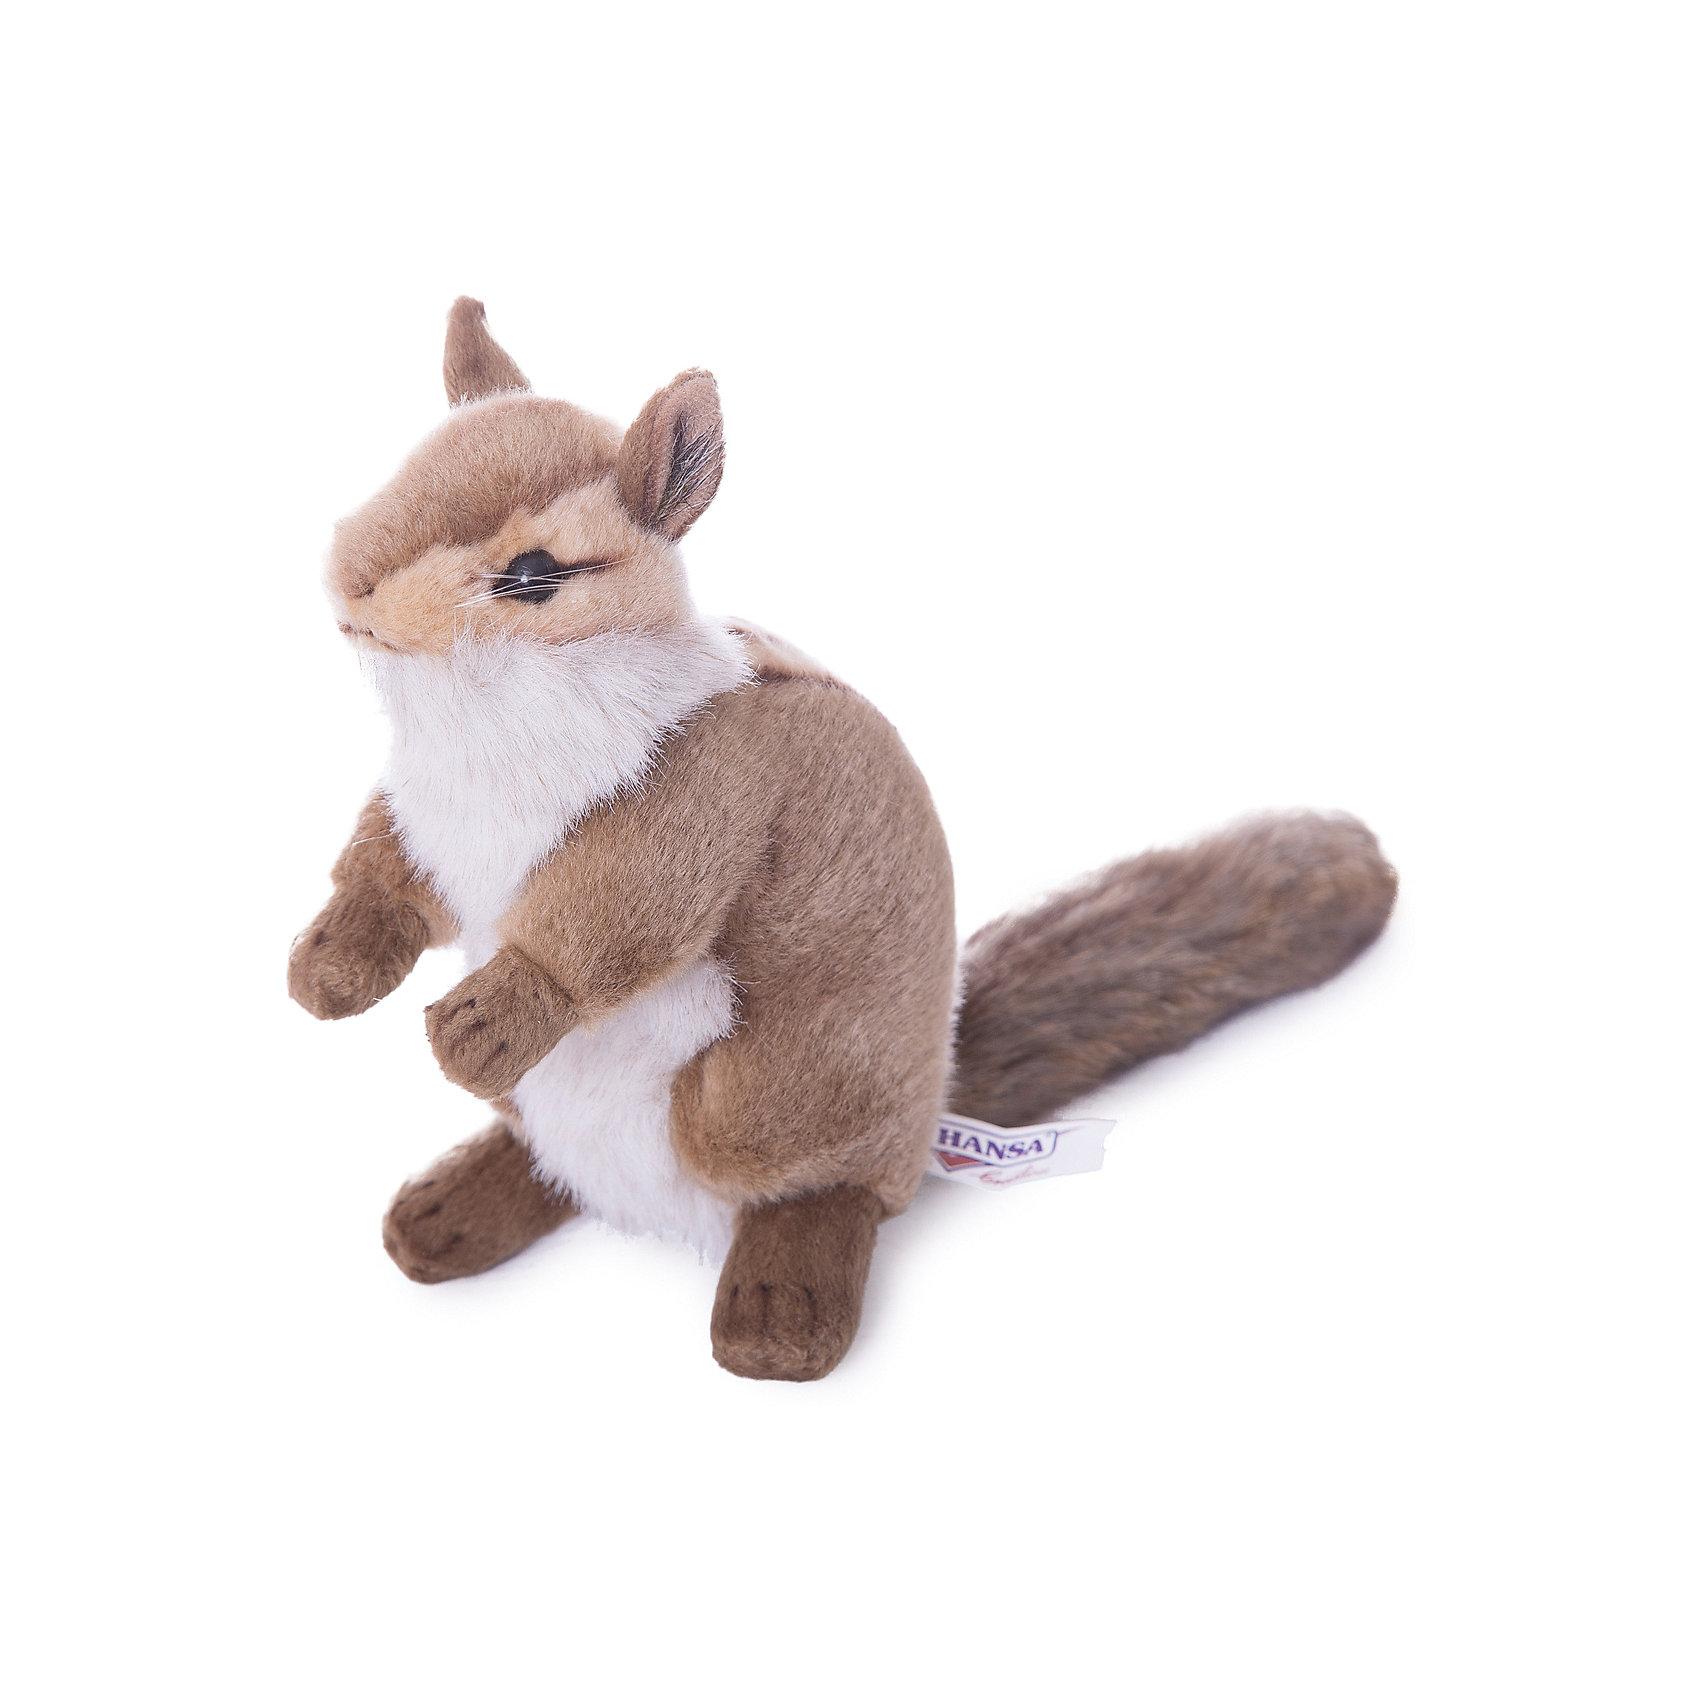 Бурундук, 16 смБурундук, 16 см – игрушка от знаменитого бренда Hansa, специализирующегося на выпуске мягких игрушек с высокой степенью натуралистичности. Внешний вид игрушечного бурундука полностью соответствует реальному прототипу. Он выполнен из искусственного меха меланжевого окраса с ворсом средней длины; хвост и лапки – из короткого меха. Грудка у бурундука полосатая, а грудка – белая. Использованные материалы обладают гипоаллергенными свойствами. Внутри игрушки имеется металлический каркас, позволяющий изменять положение. <br>Игрушка относится к серии Дикие животные. <br>Мягкие игрушки от Hansa подходят для сюжетно-ролевых игр, для обучающих игр, направленных на знакомство с животным миром дикой природы. Кроме того, их можно использовать в качестве интерьерных игрушек. Коллекция из нескольких игрушек позволяет создать свой домашний зоопарк, который будет радовать вашего ребенка долгое время, так как ручная работа и качественные материалы гарантируют их долговечность и прочность.<br><br>Дополнительная информация:<br><br>- Вид игр: сюжетно-ролевые игры, коллекционирование, интерьерные игрушки<br>- Предназначение: для дома, для детских развивающих центров, для детских садов<br>- Материал: искусственный мех, наполнитель ? полиэфирное волокно<br>- Размер (ДхШхВ): 14*16*10 см<br>- Вес: 170 г<br>- Особенности ухода: сухая чистка при помощи пылесоса или щетки для одежды<br><br>Подробнее:<br><br>• Для детей в возрасте: от 3 лет <br>• Страна производитель: Филиппины<br>• Торговый бренд: Hansa<br><br>Бурундука, 16 см можно купить в нашем интернет-магазине.<br><br>Ширина мм: 14<br>Глубина мм: 16<br>Высота мм: 10<br>Вес г: 170<br>Возраст от месяцев: 36<br>Возраст до месяцев: 2147483647<br>Пол: Унисекс<br>Возраст: Детский<br>SKU: 4927153